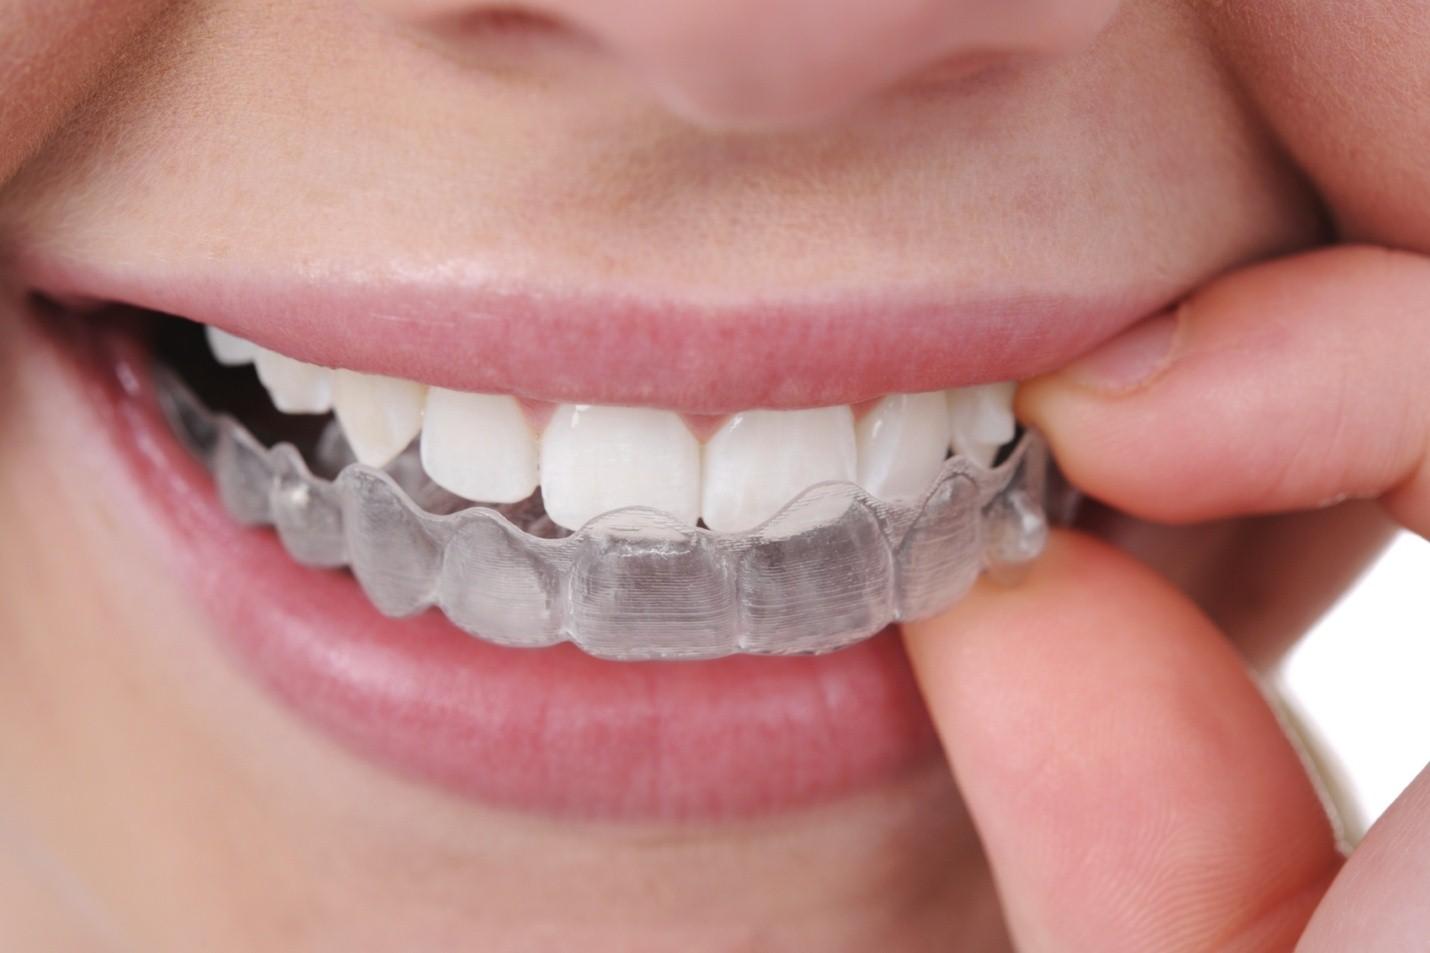 bm1 رعایت بهداشت دهان و دندان در افراد با نیازهای خاص